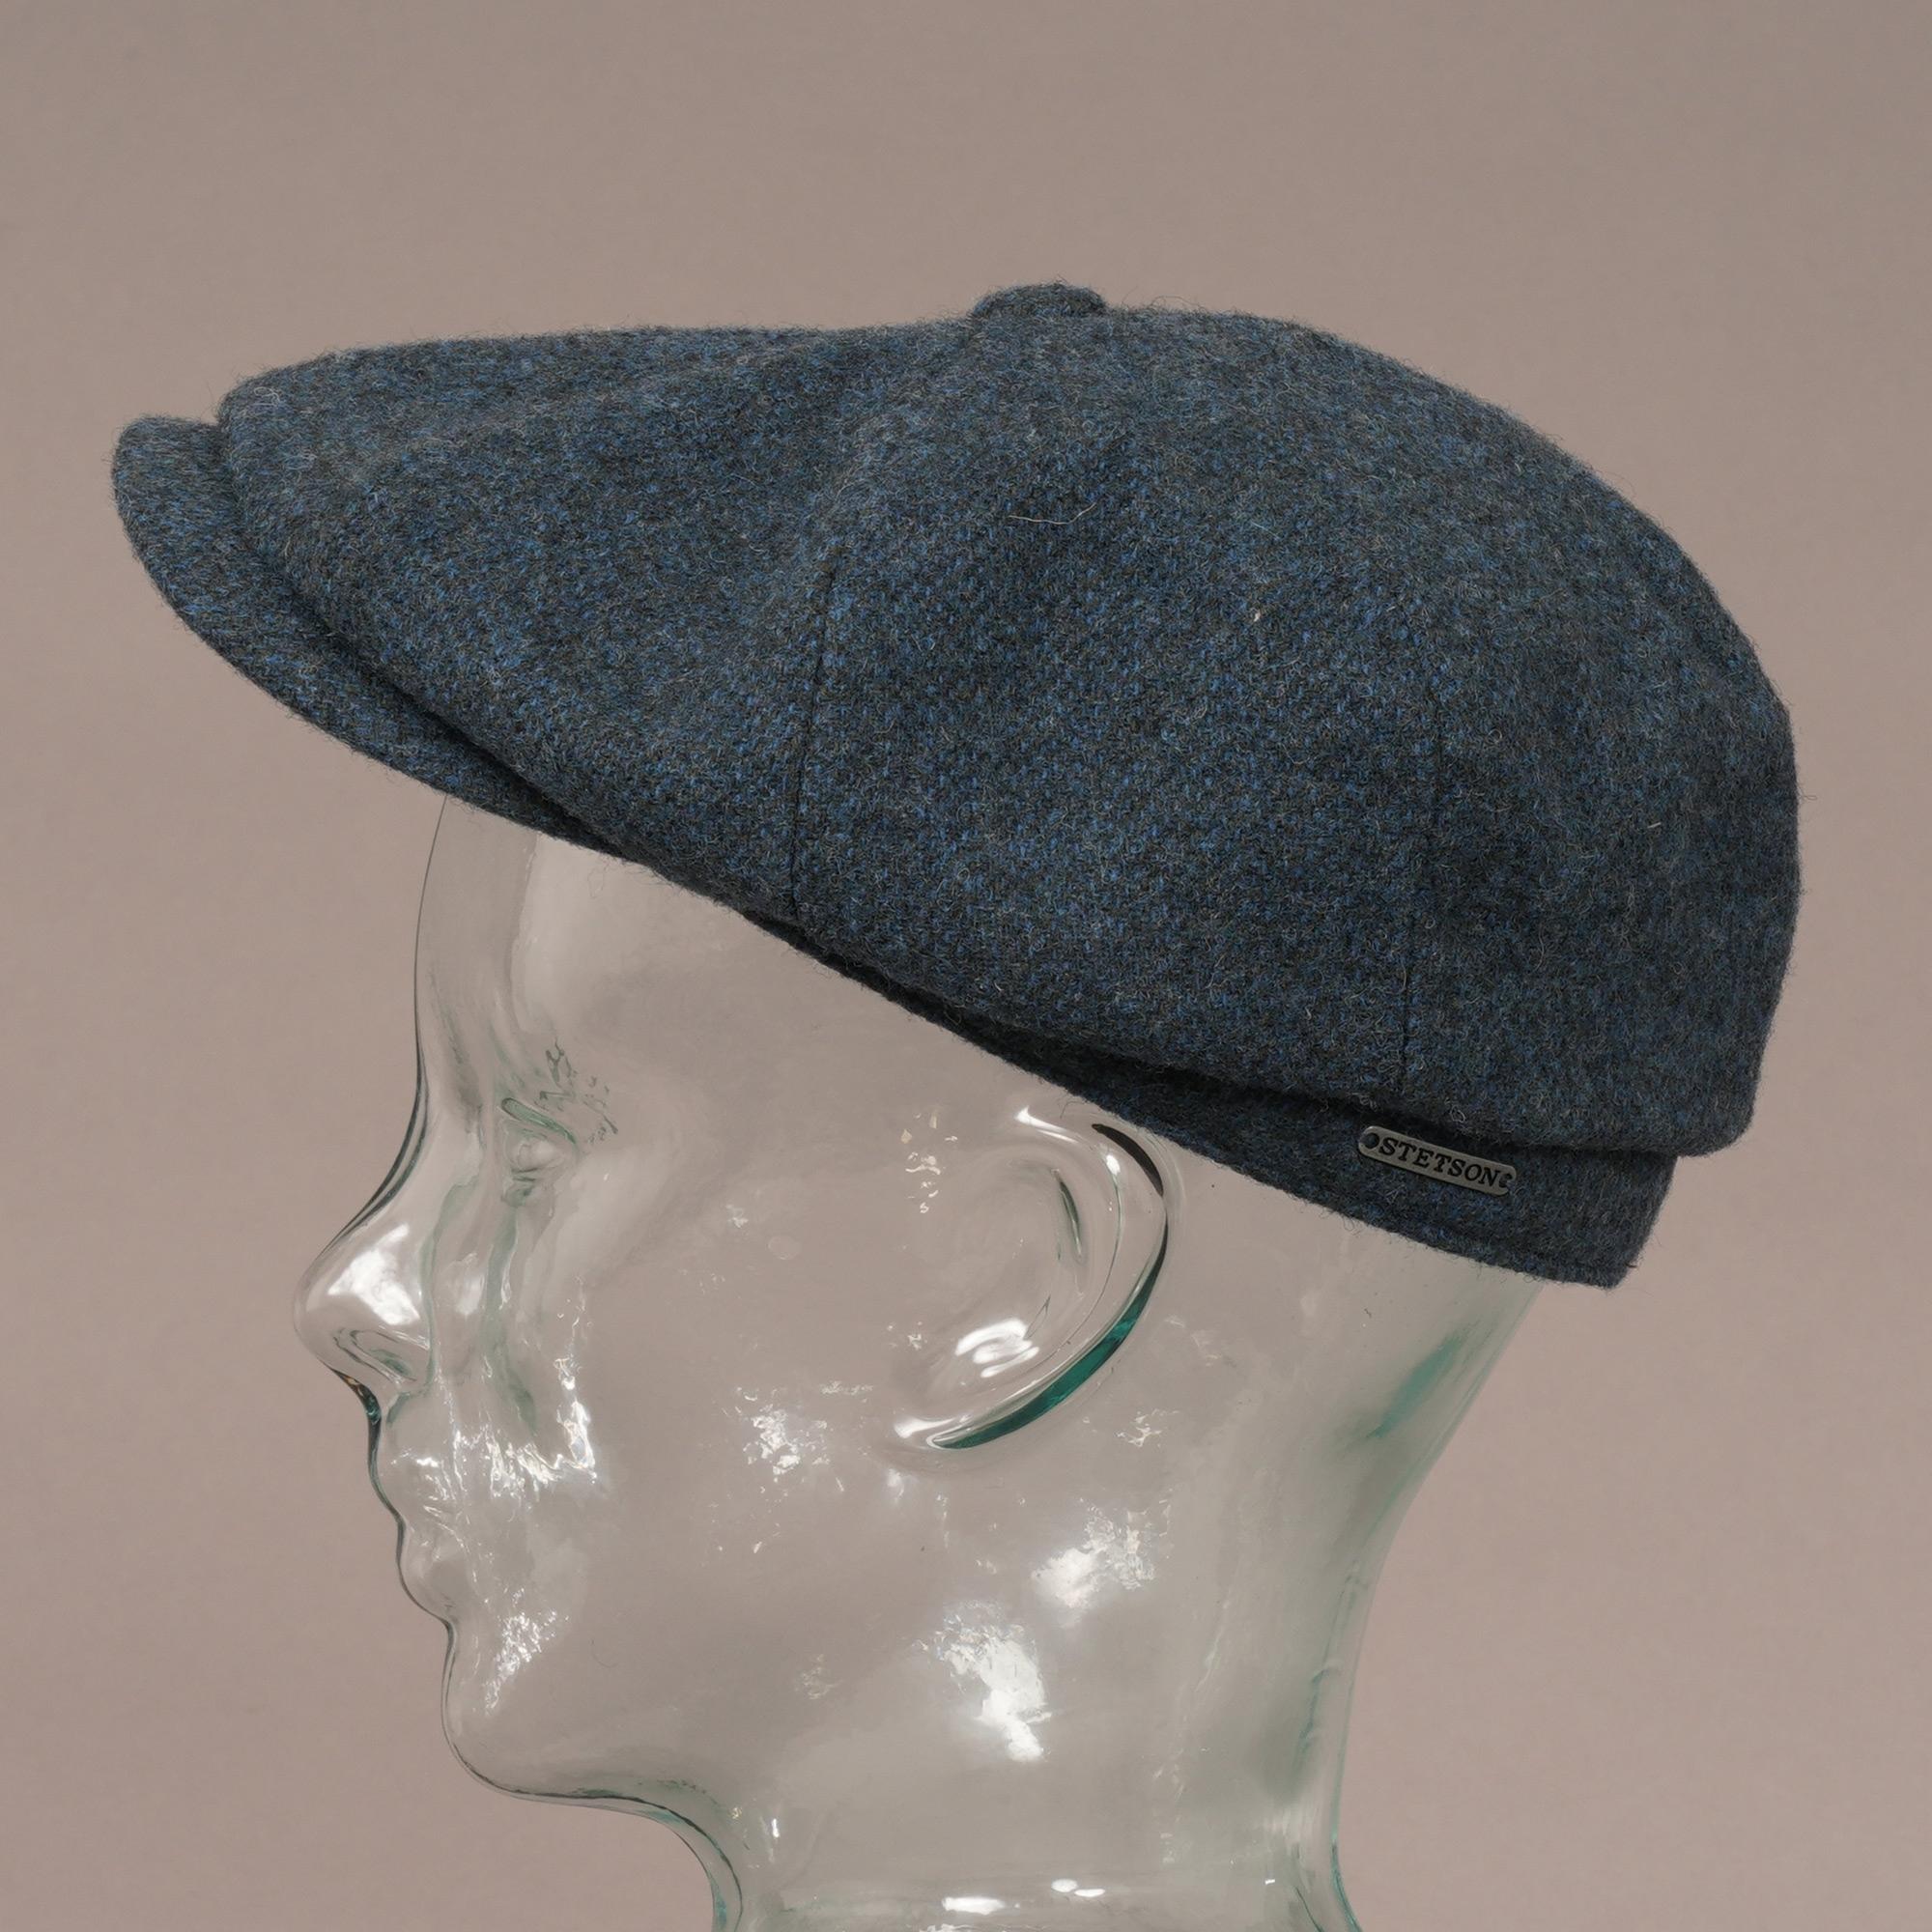 8bd8b166897 Stetson Wool Hatteras Flat Cap (Blue) at Dandy Fellow